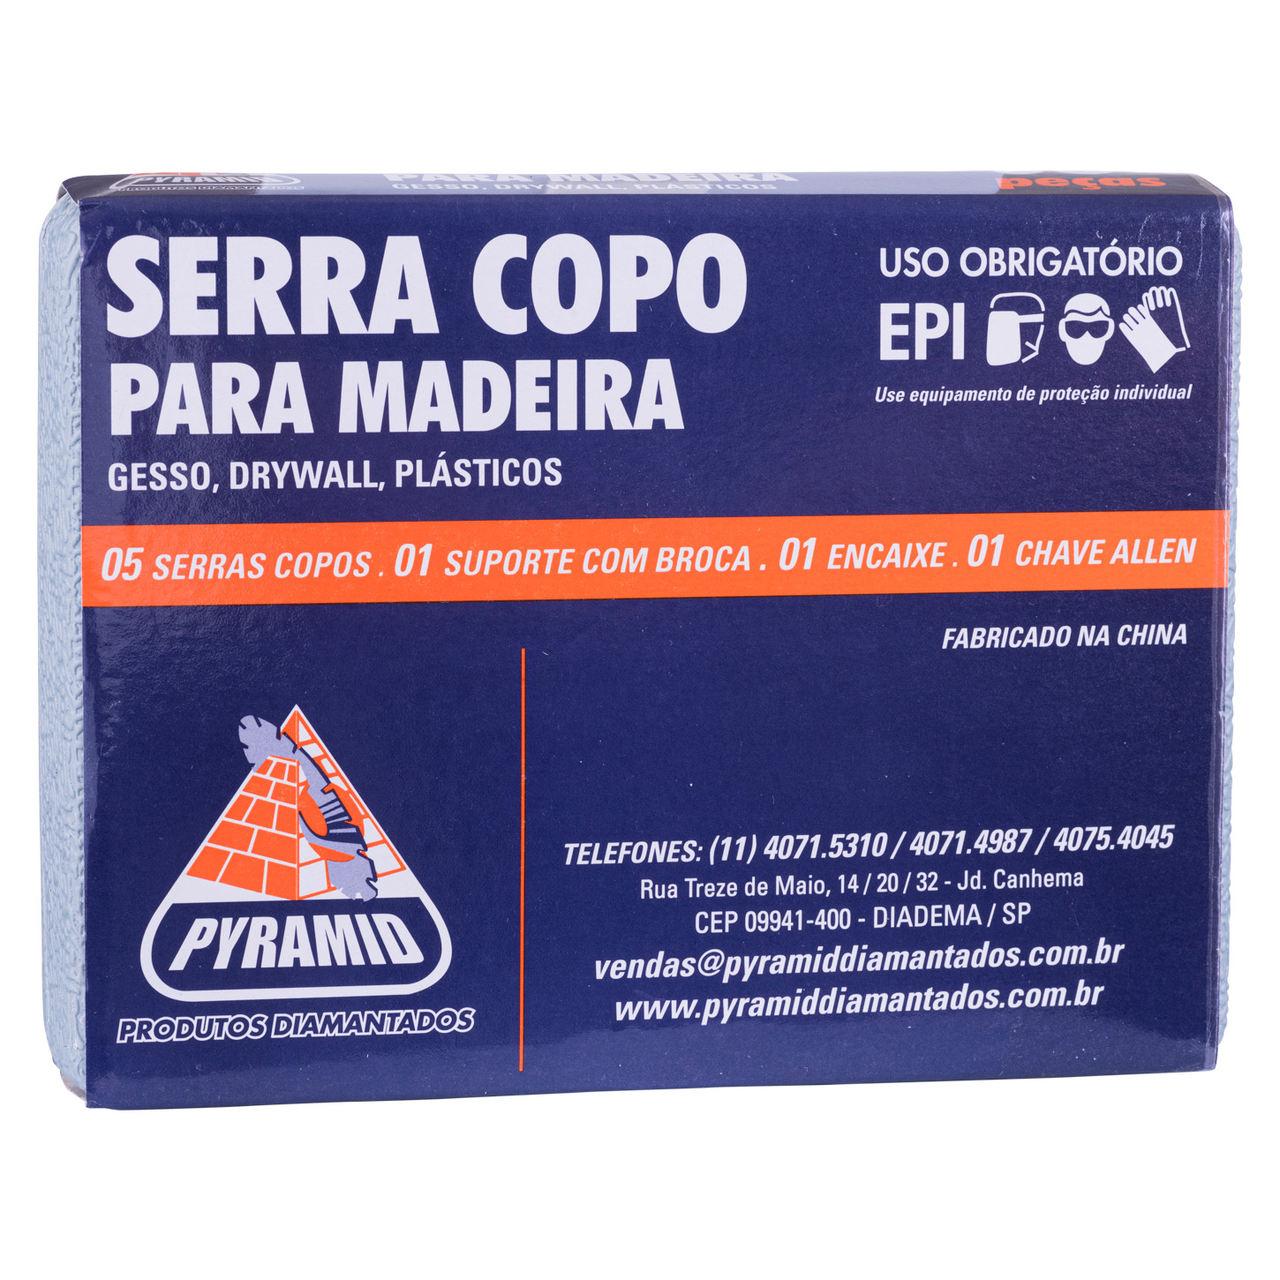 Kit Broca Serra Copo para madeira 8 Peças 64 até 127mm